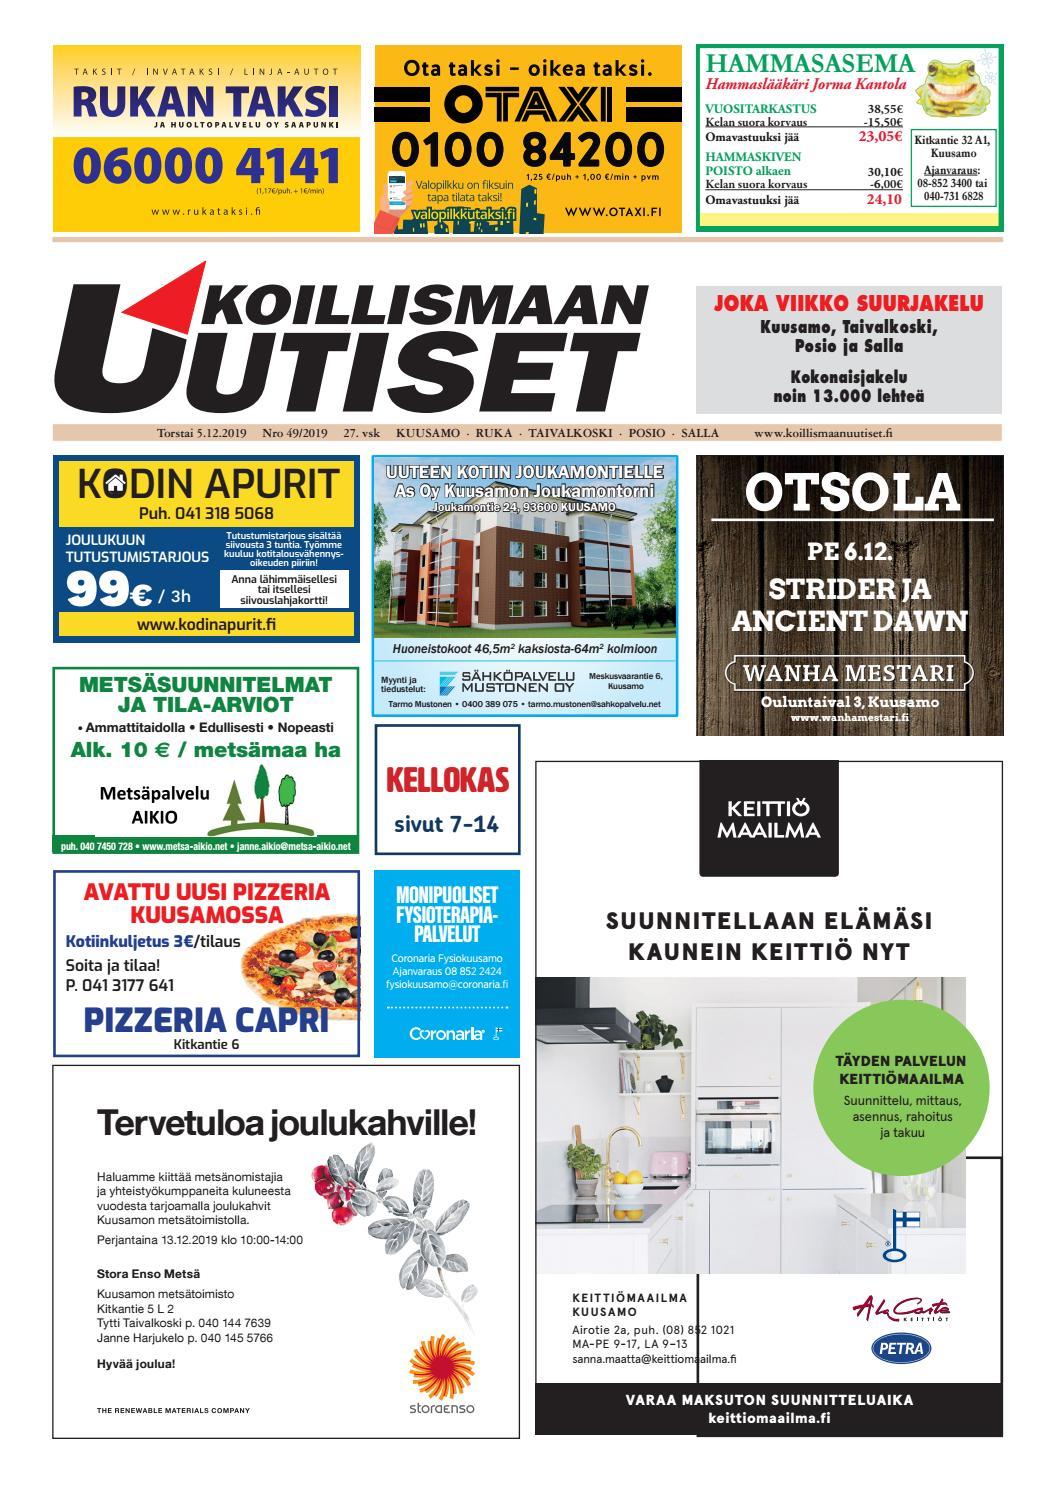 Otsola Kuusamo